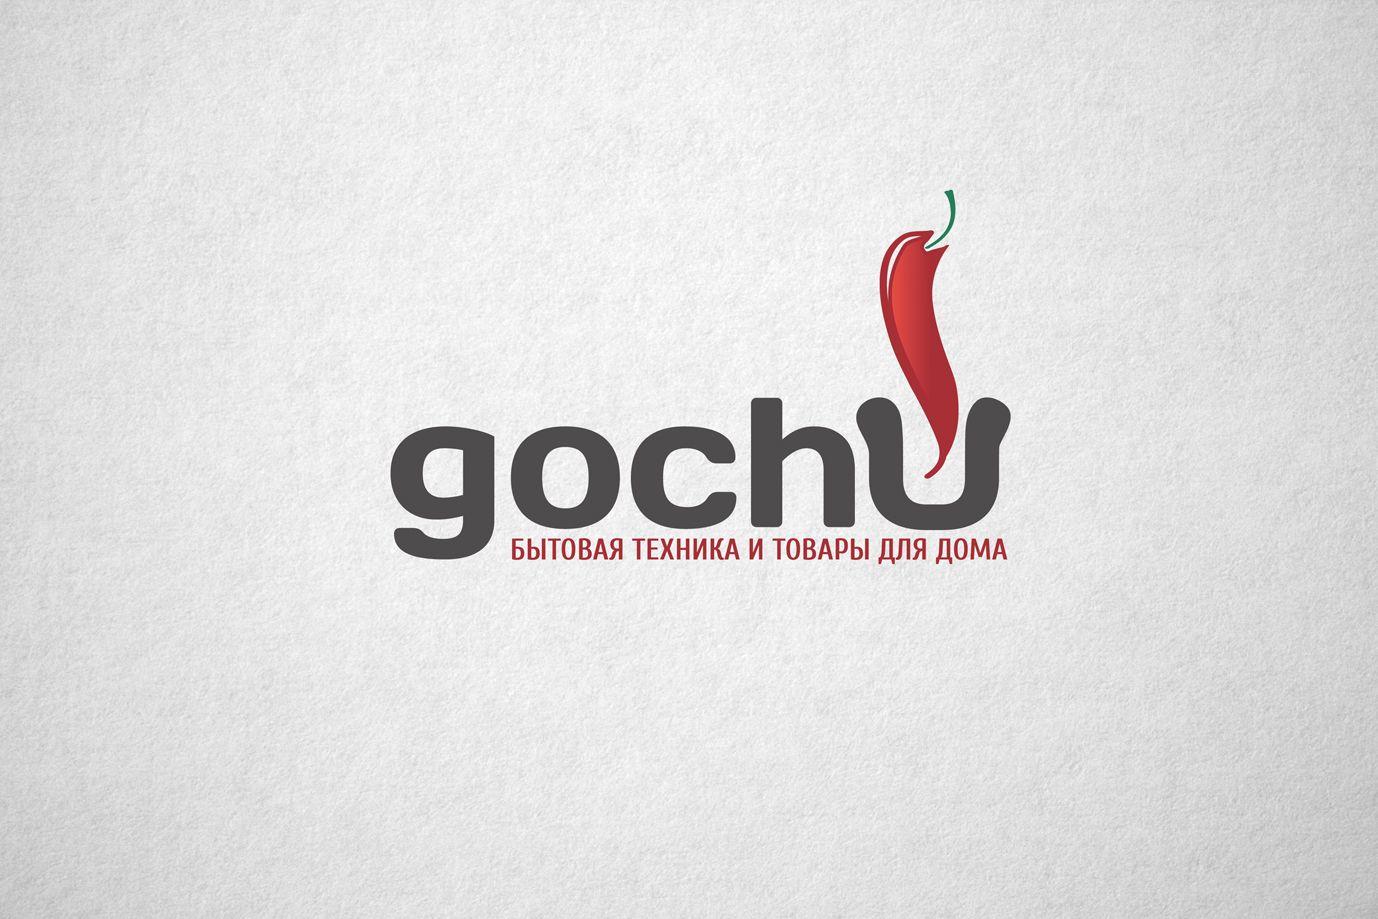 Логотип для торговой марки - дизайнер funkielevis